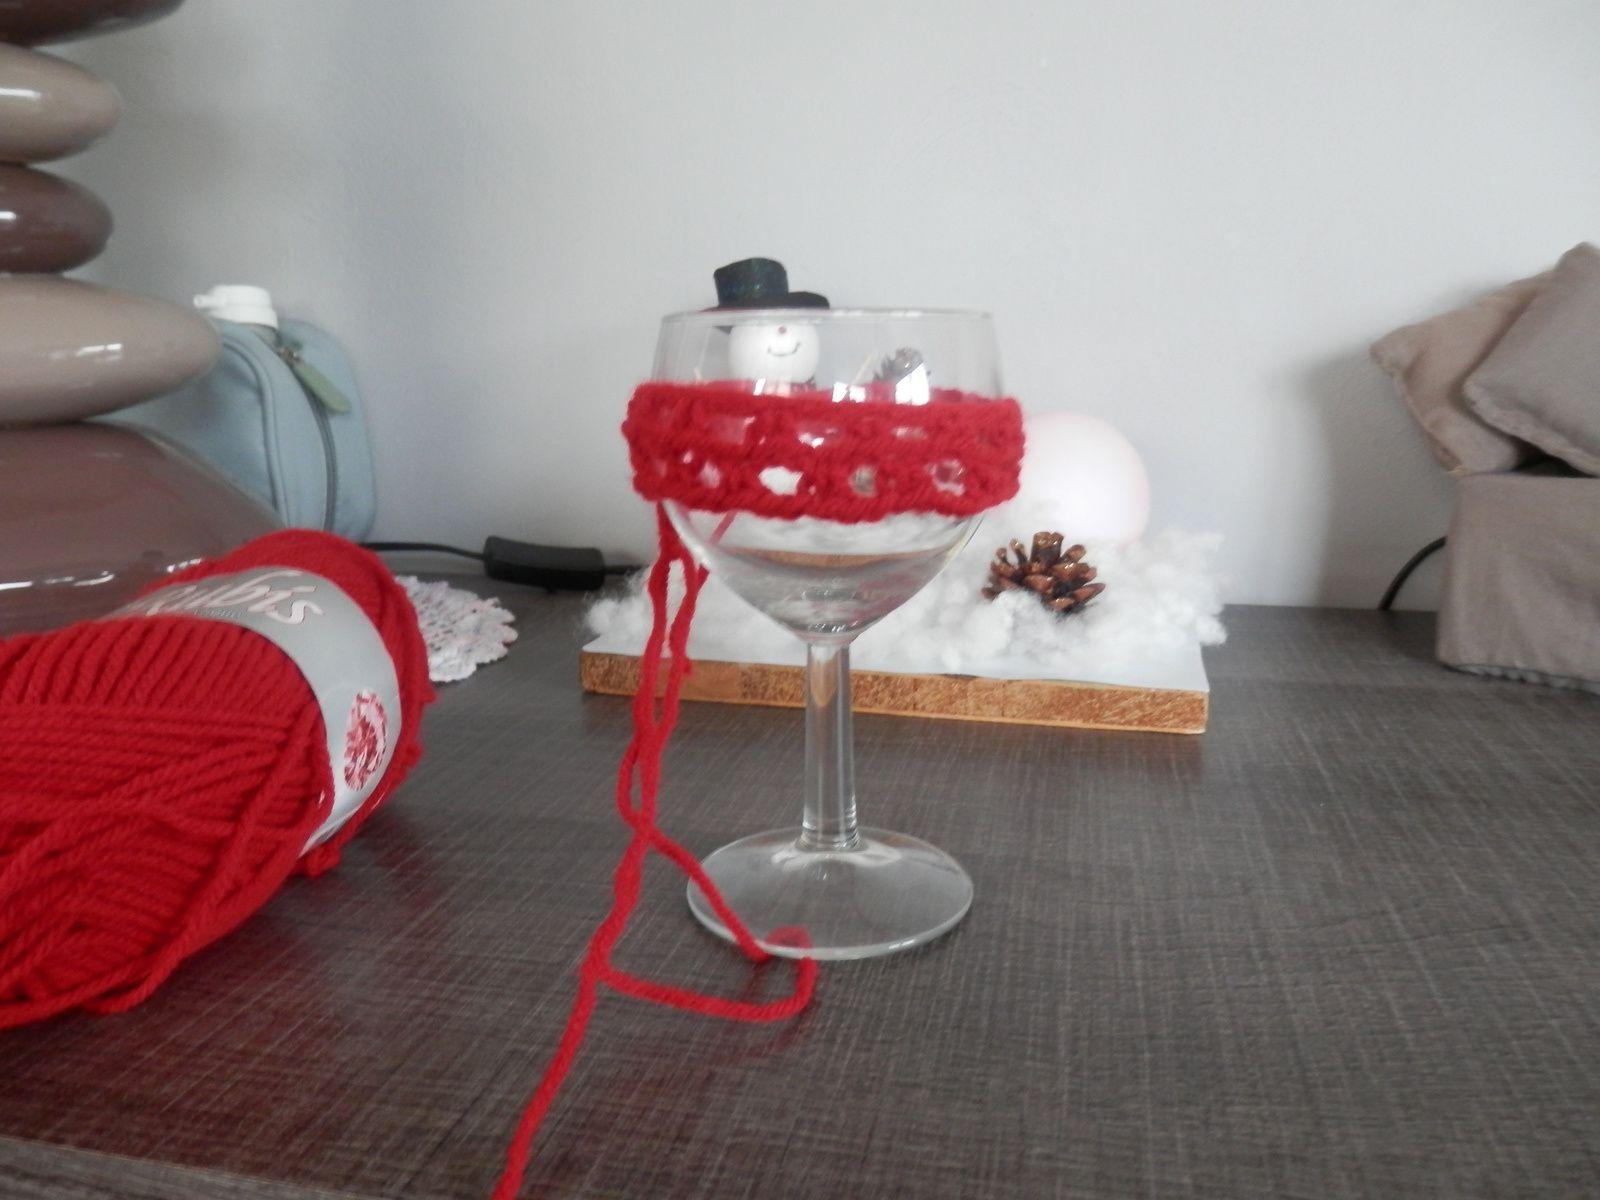 une idée toute bette pour evité d échanger vos verres lors d un apéro  ou tout simplement avoir les mains libre pour présenter vos toasts